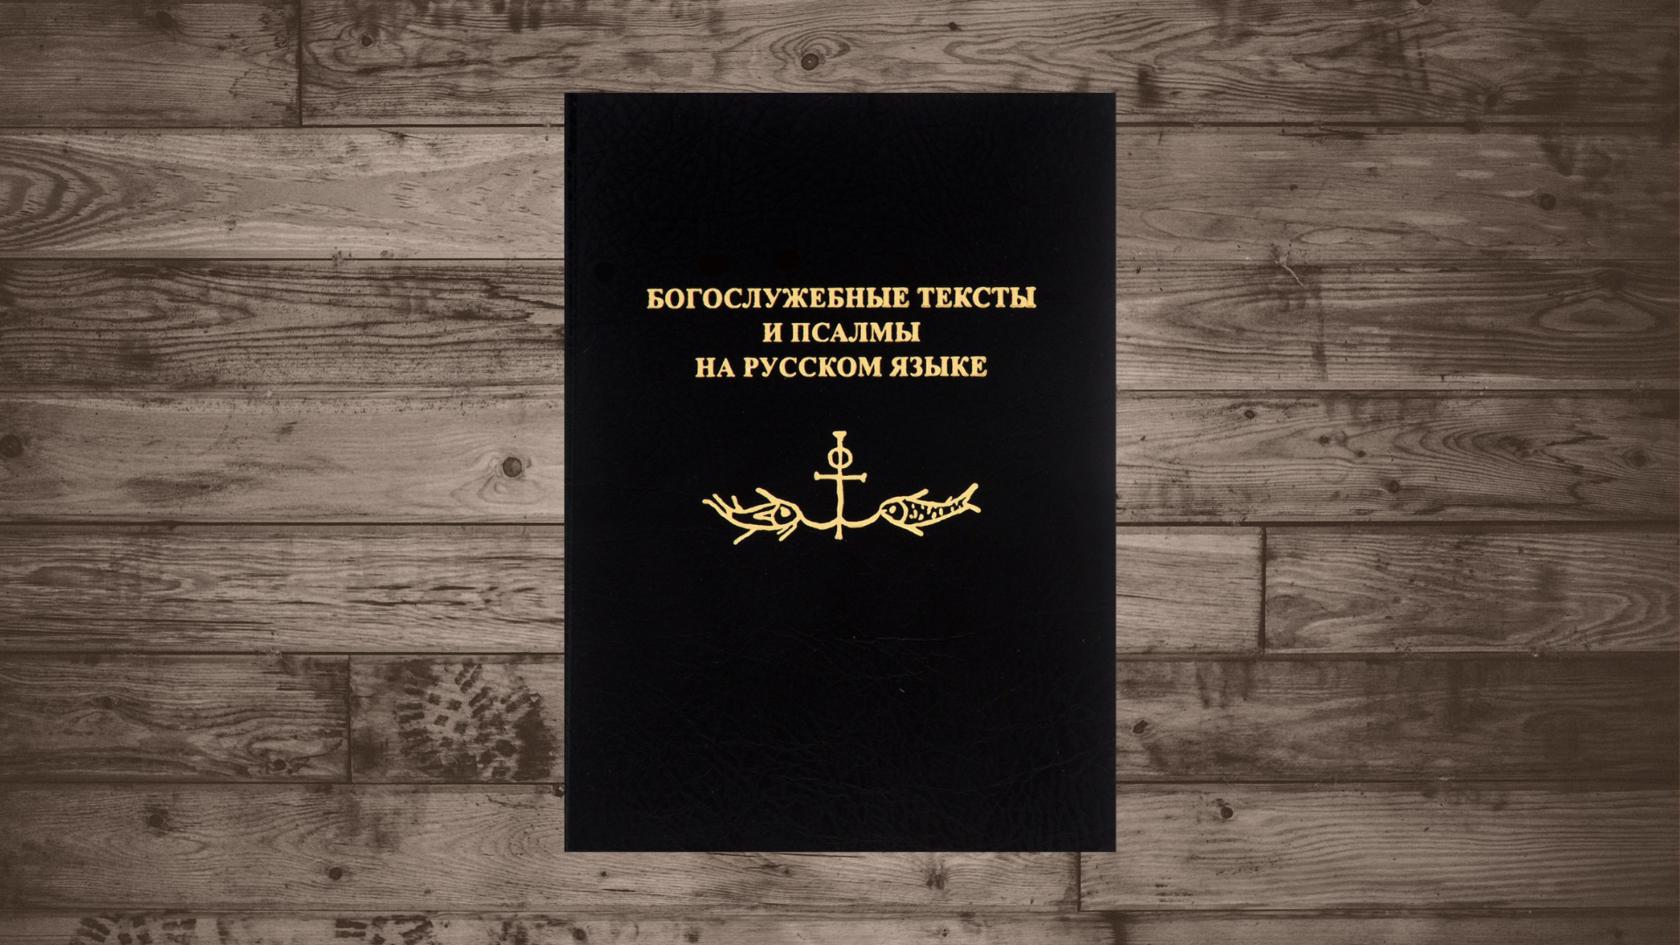 Купить Богослужебные тексты и псалмы на русском языке в пер. Анри Волохонского 978-5-98604-535-1